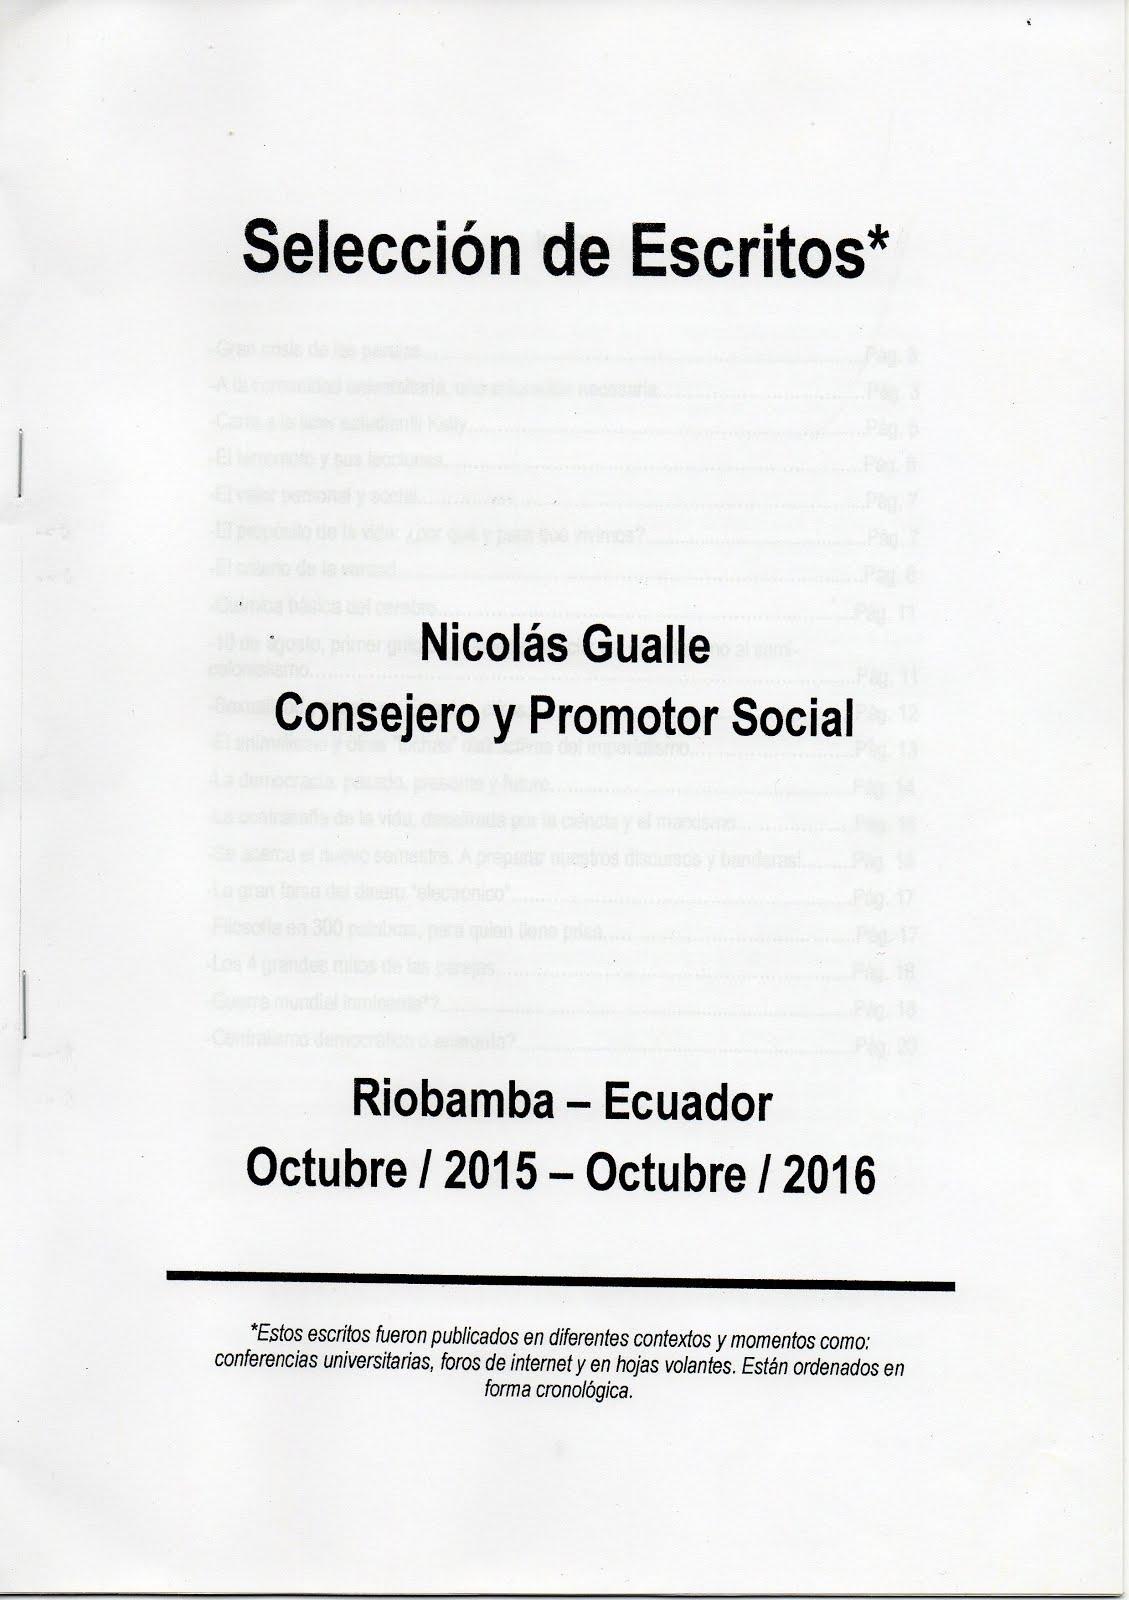 SELECCIÓN DE ESCRITOS - NICOLÁS GUALLE